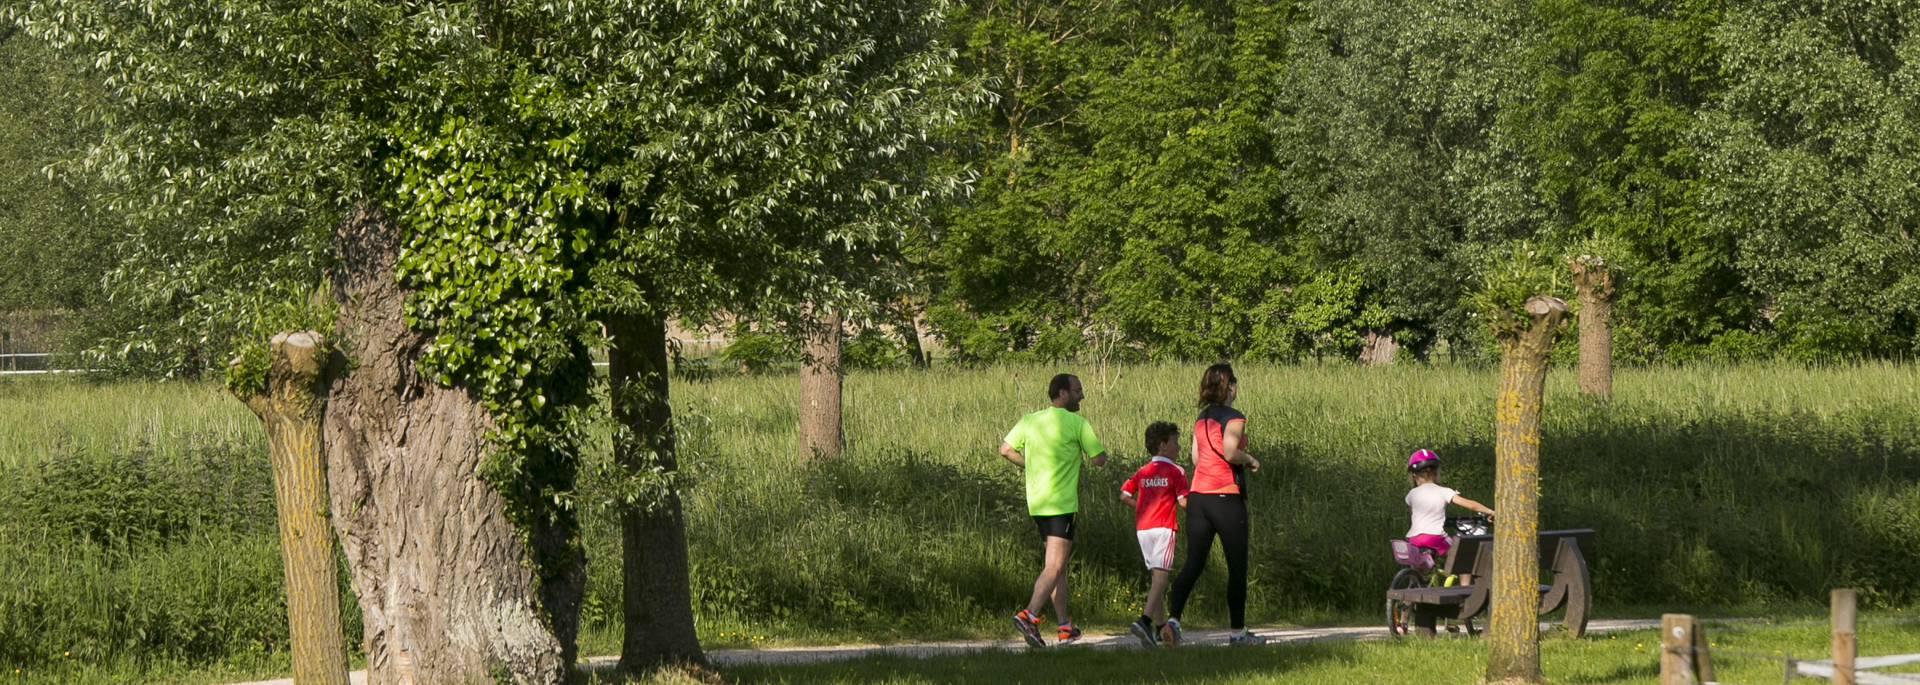 Faire du sport le long des bords de l'Eure sur le plan vert